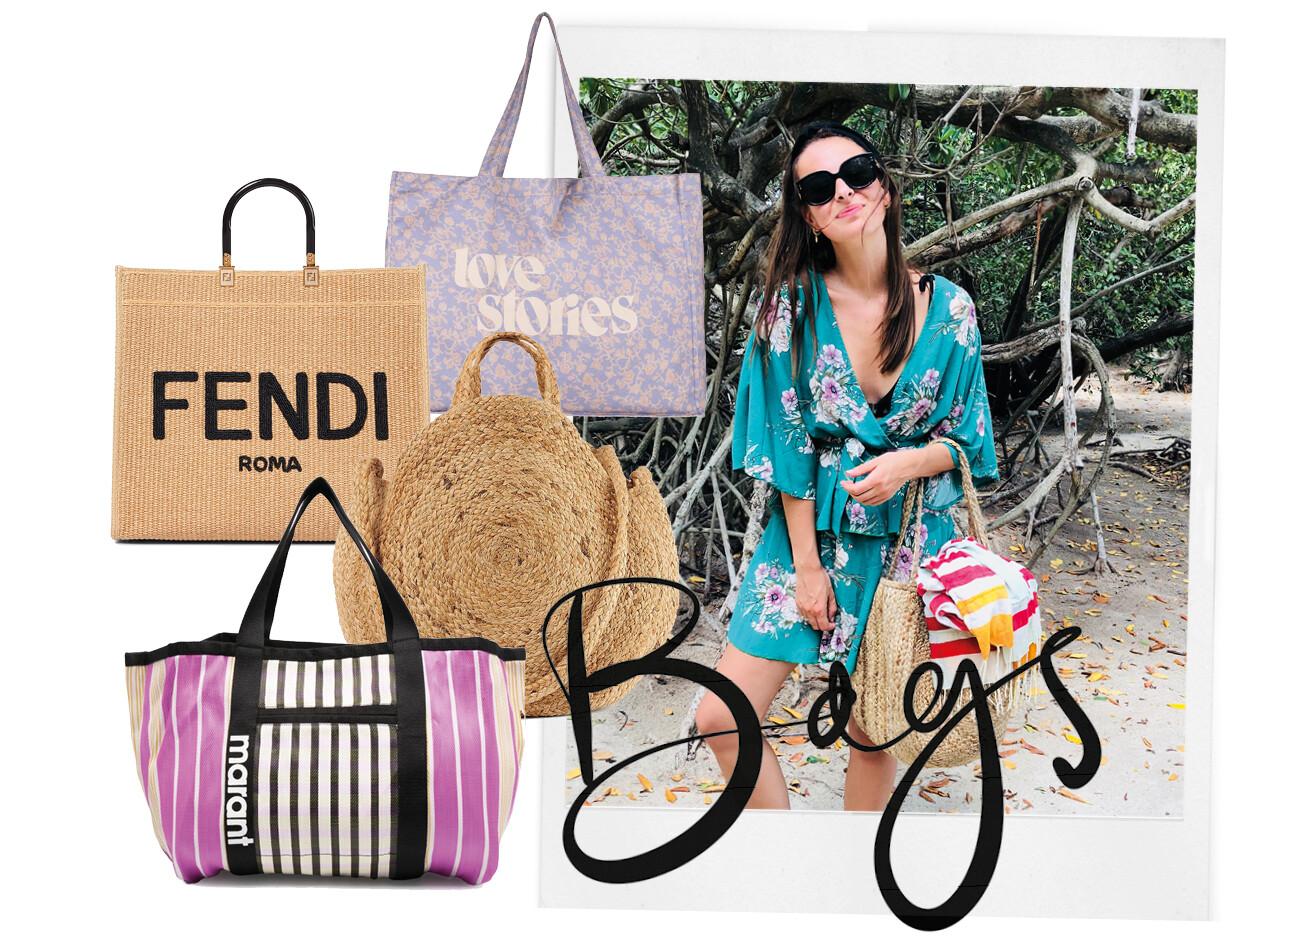 lilian op het strand met een tas en shopping items